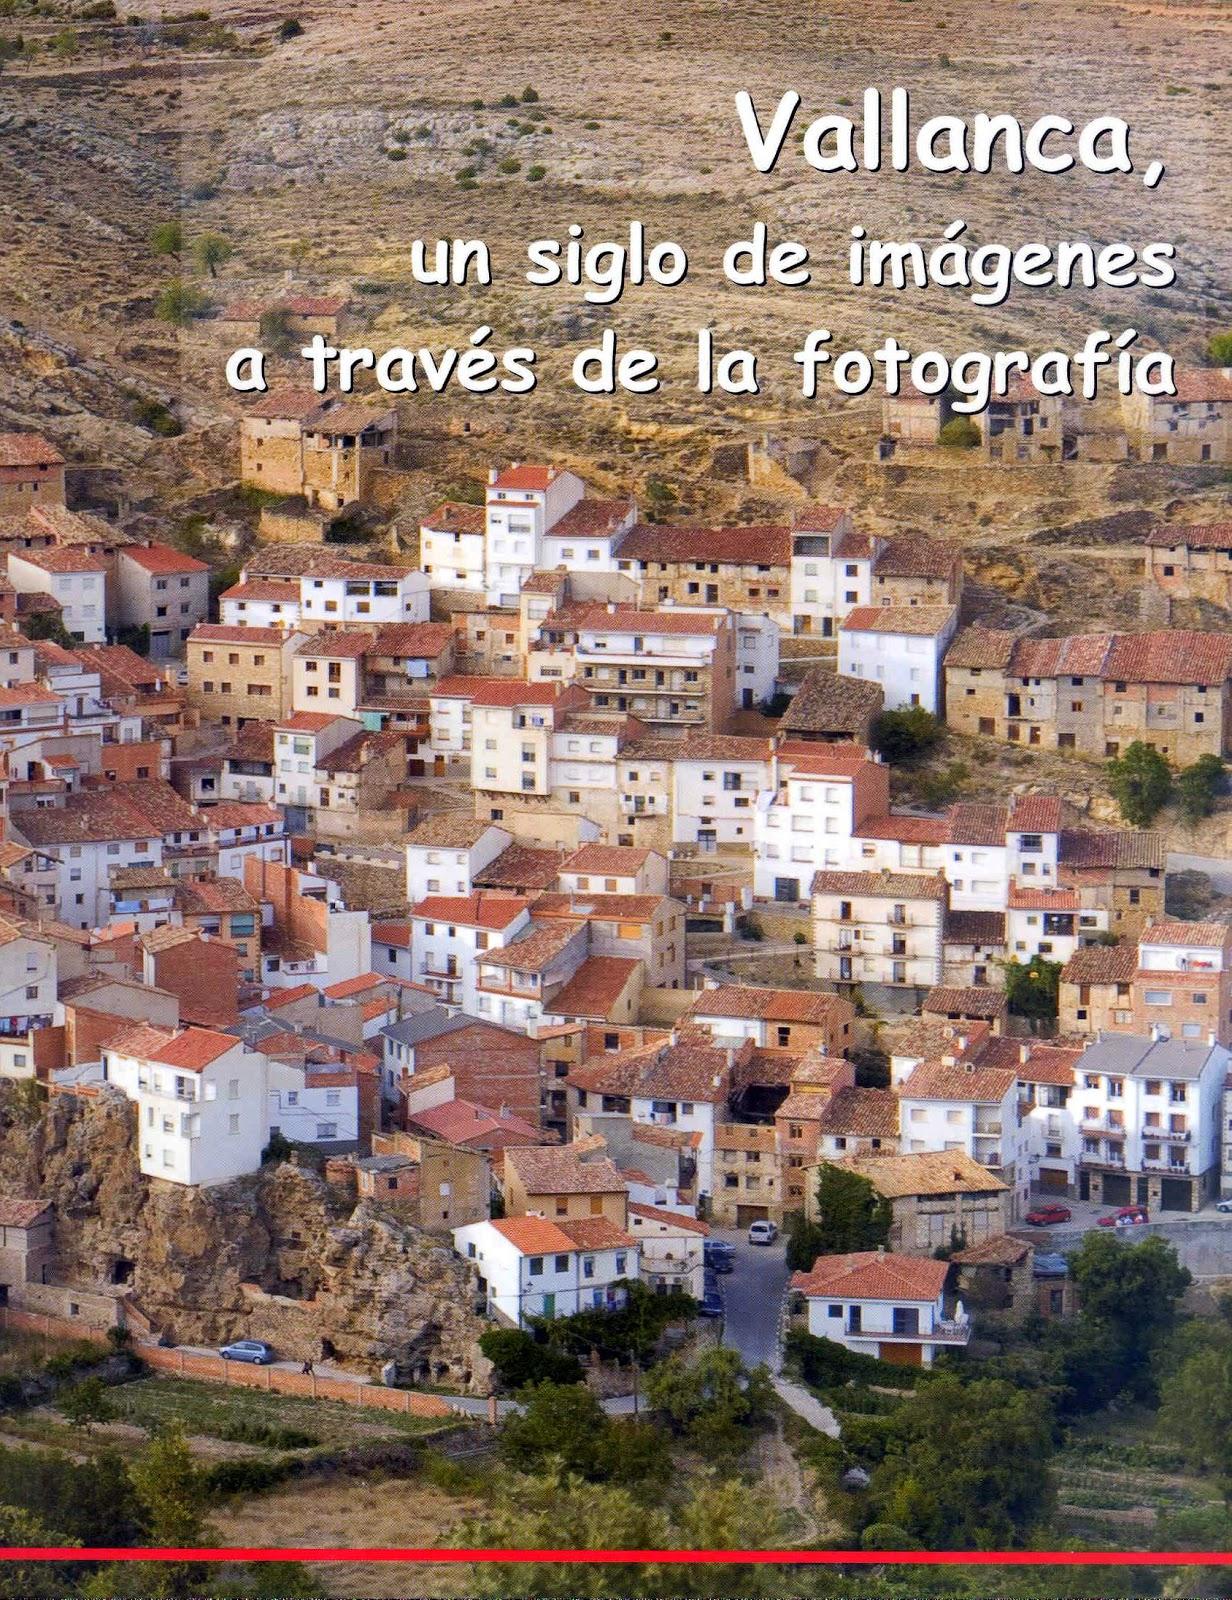 vallanca-siglo-imagenes-alfredo-sanchez-garzon-2008